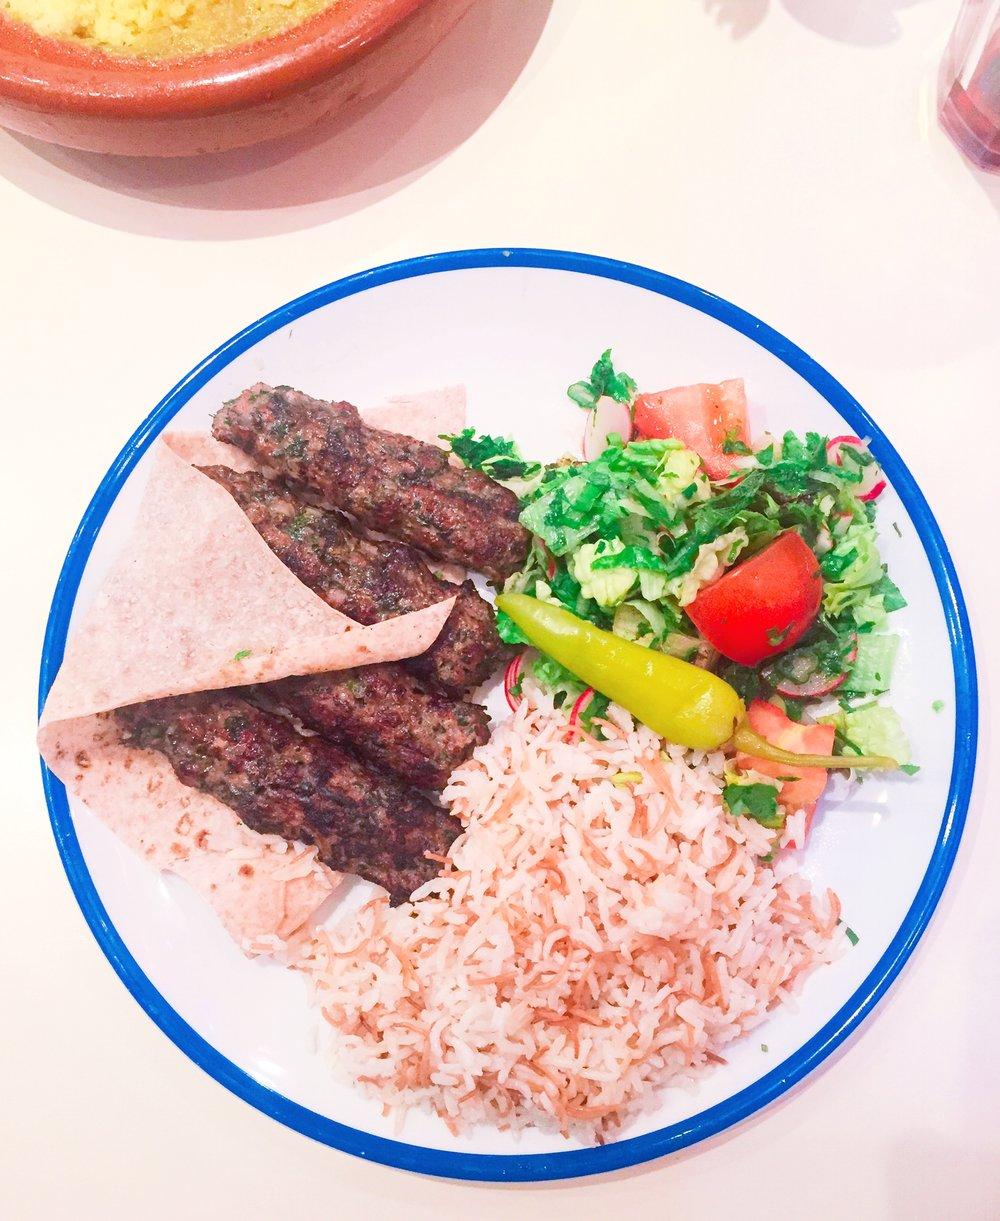 Kebab - Comptoir Libanais review